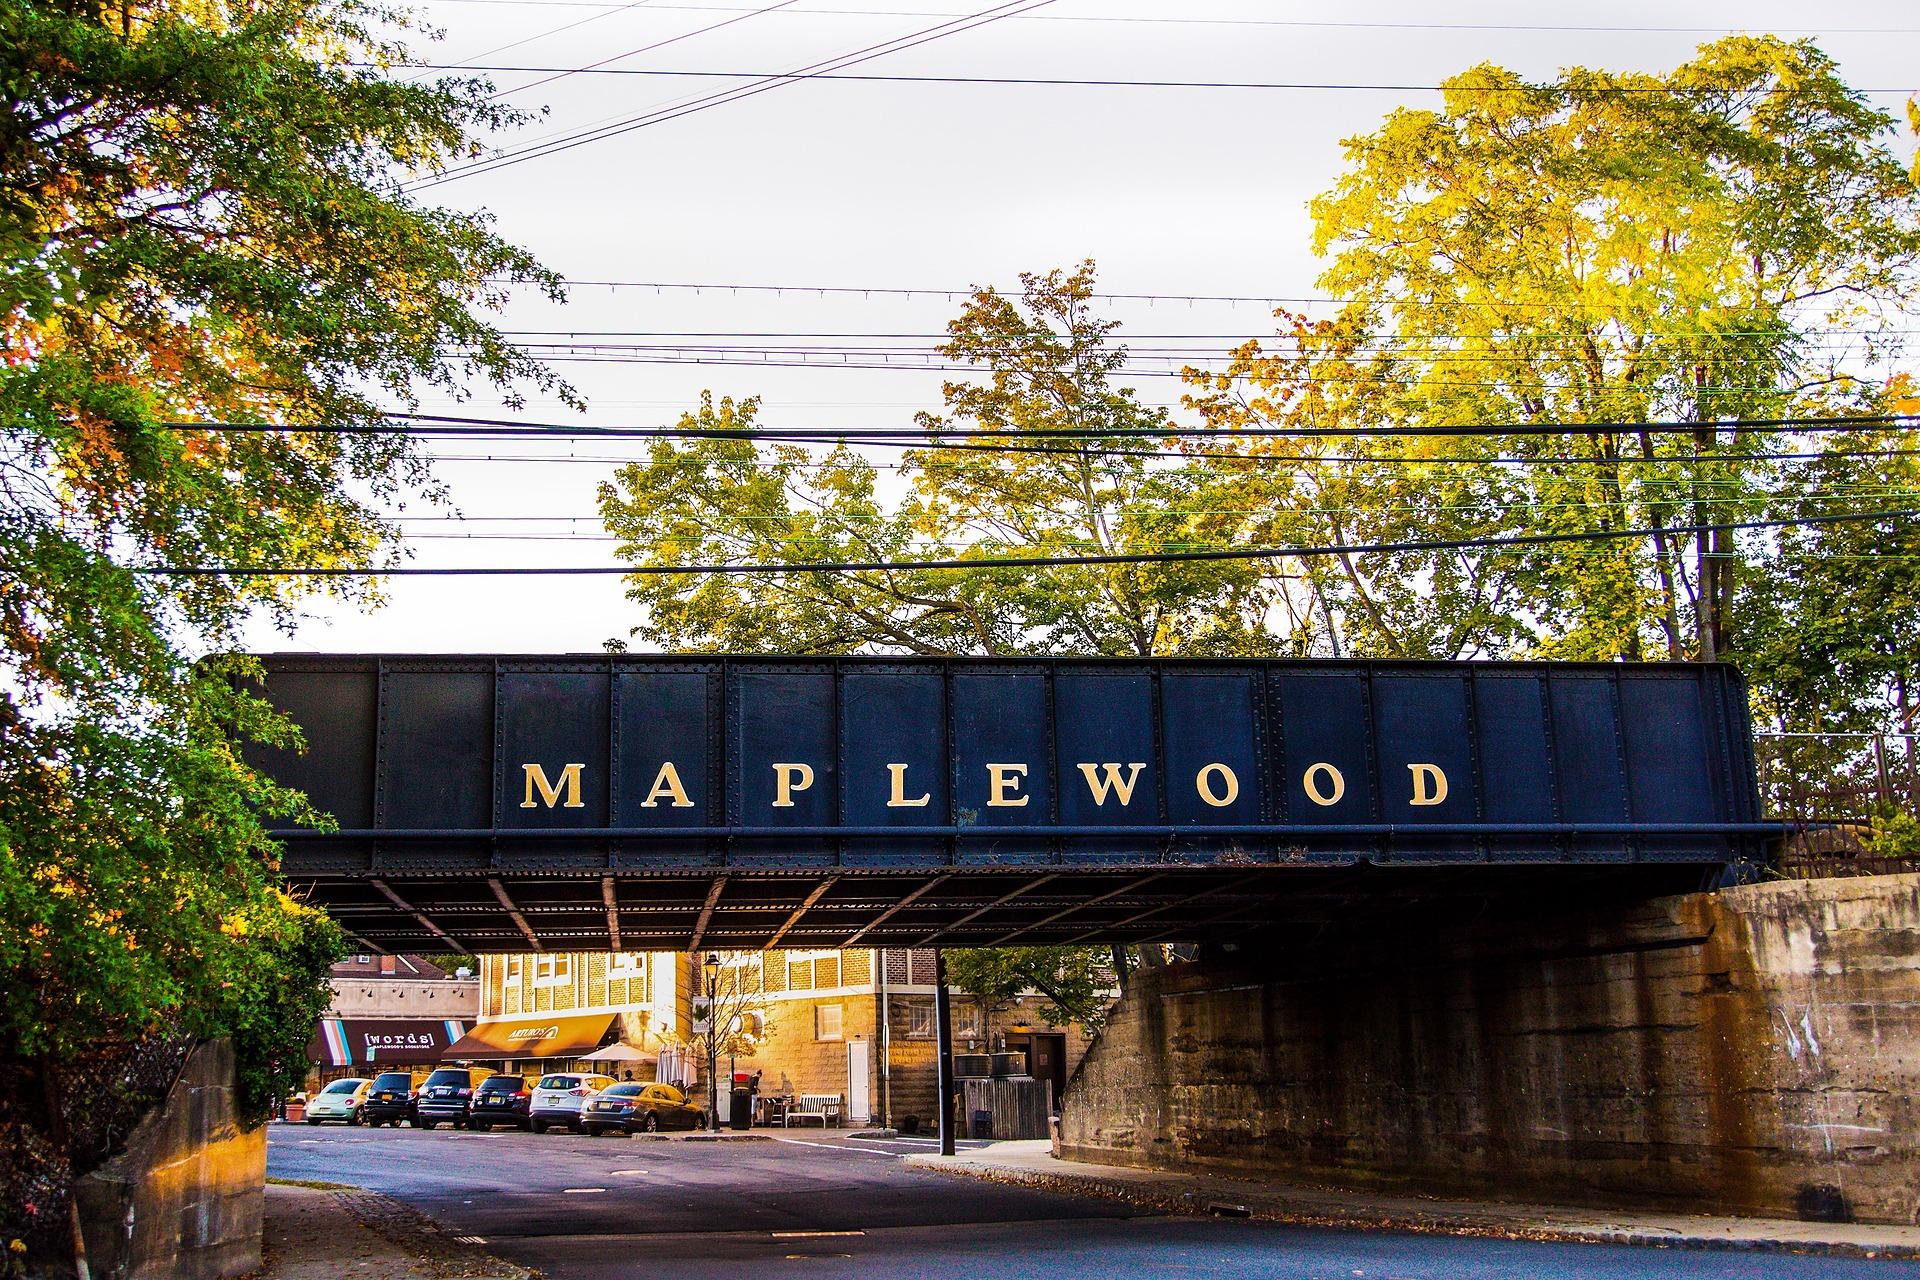 Maplewood NJ  Neighborhood Guide  The Gosselin Group